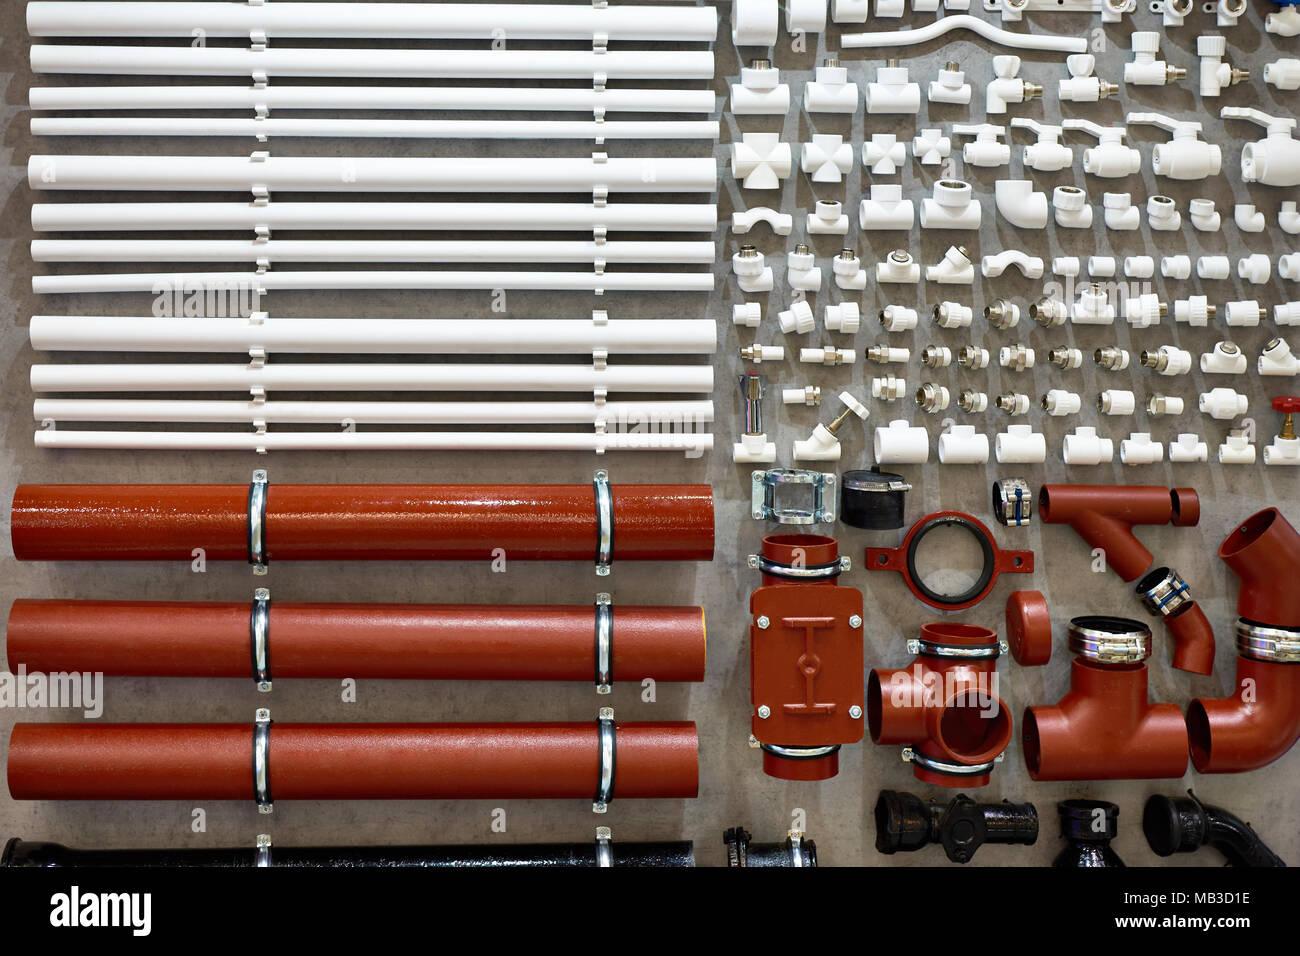 Häufig PVC-Fittings und Rohre aus Kunststoff für Wasser- Sanitär Heizung CP38